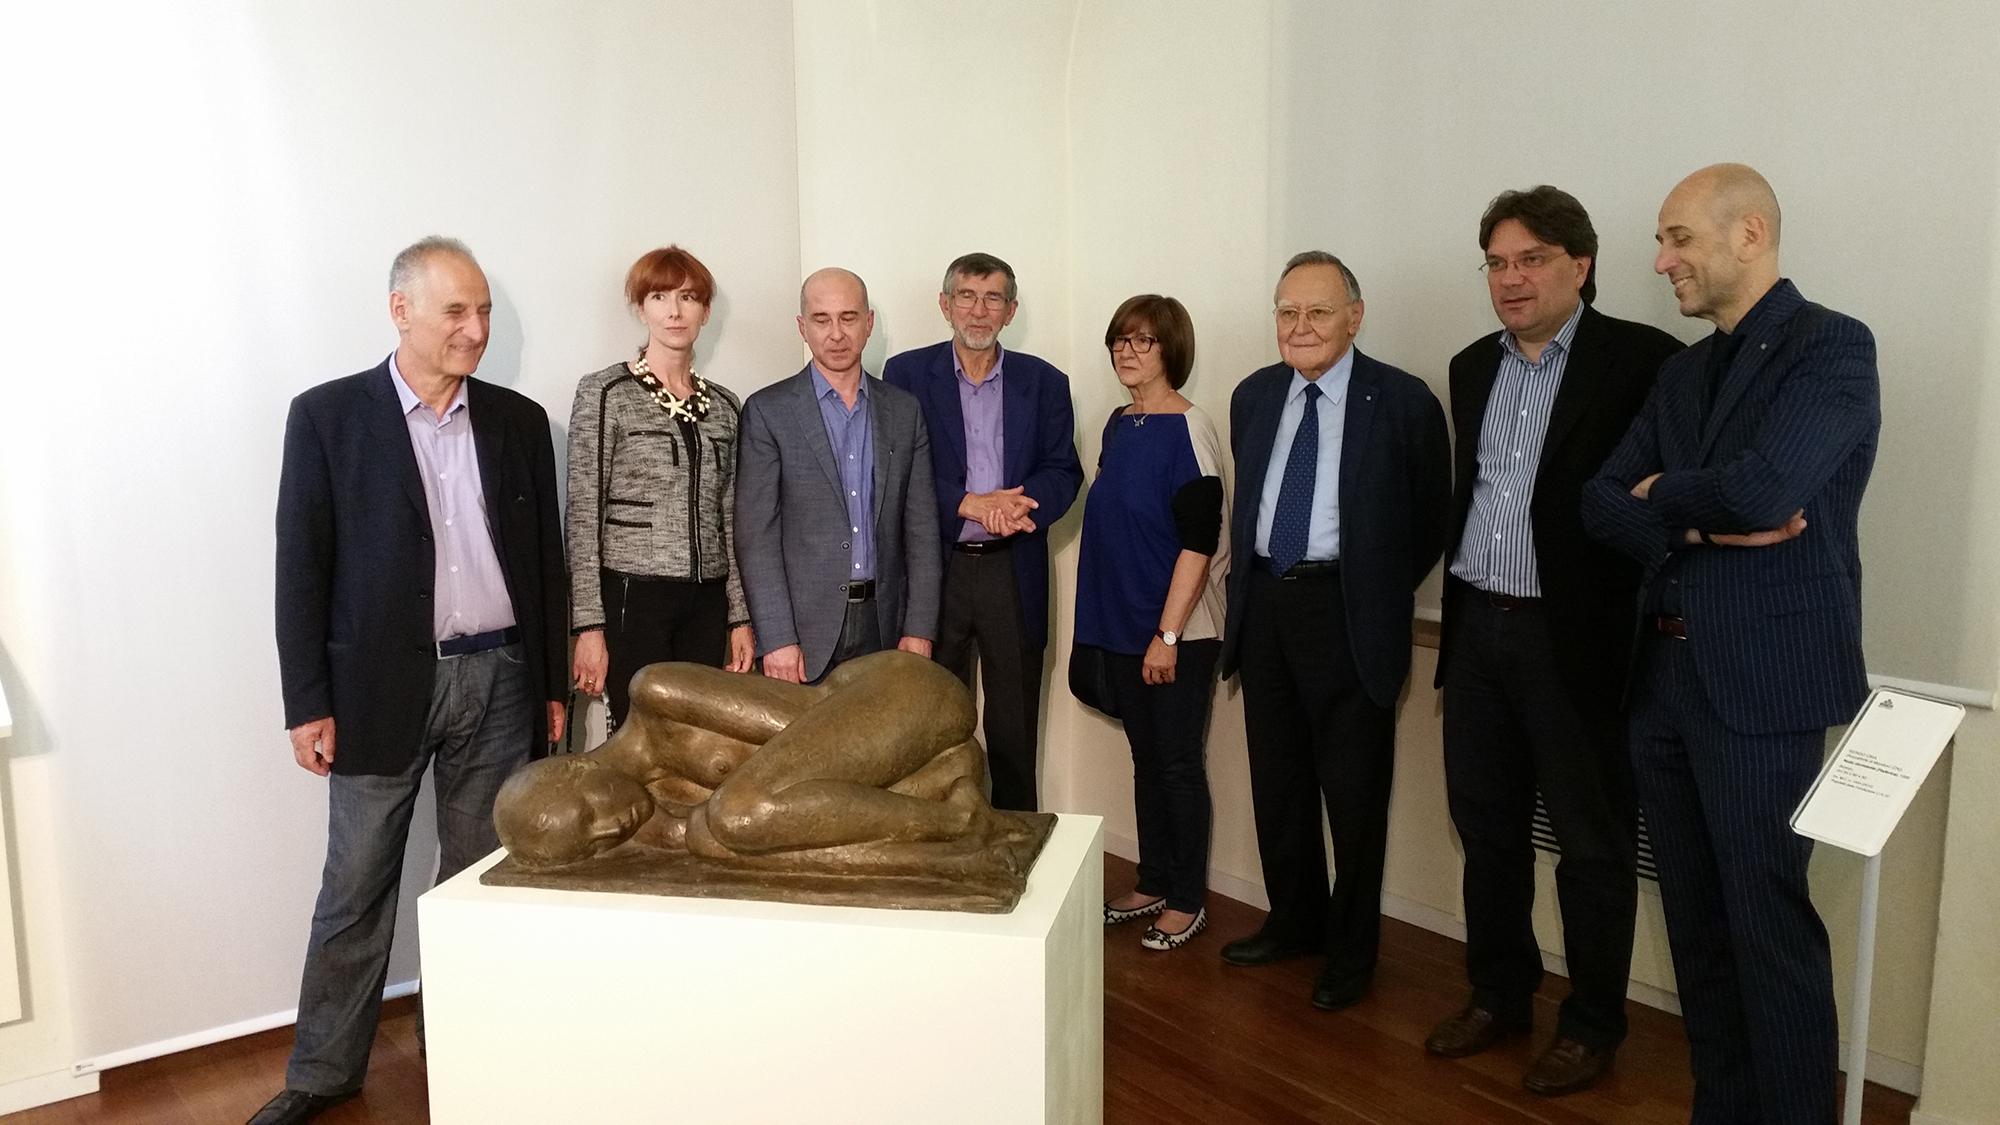 Presentazione dell'opera dello scultore e Maestro del Palio Sergio Unia